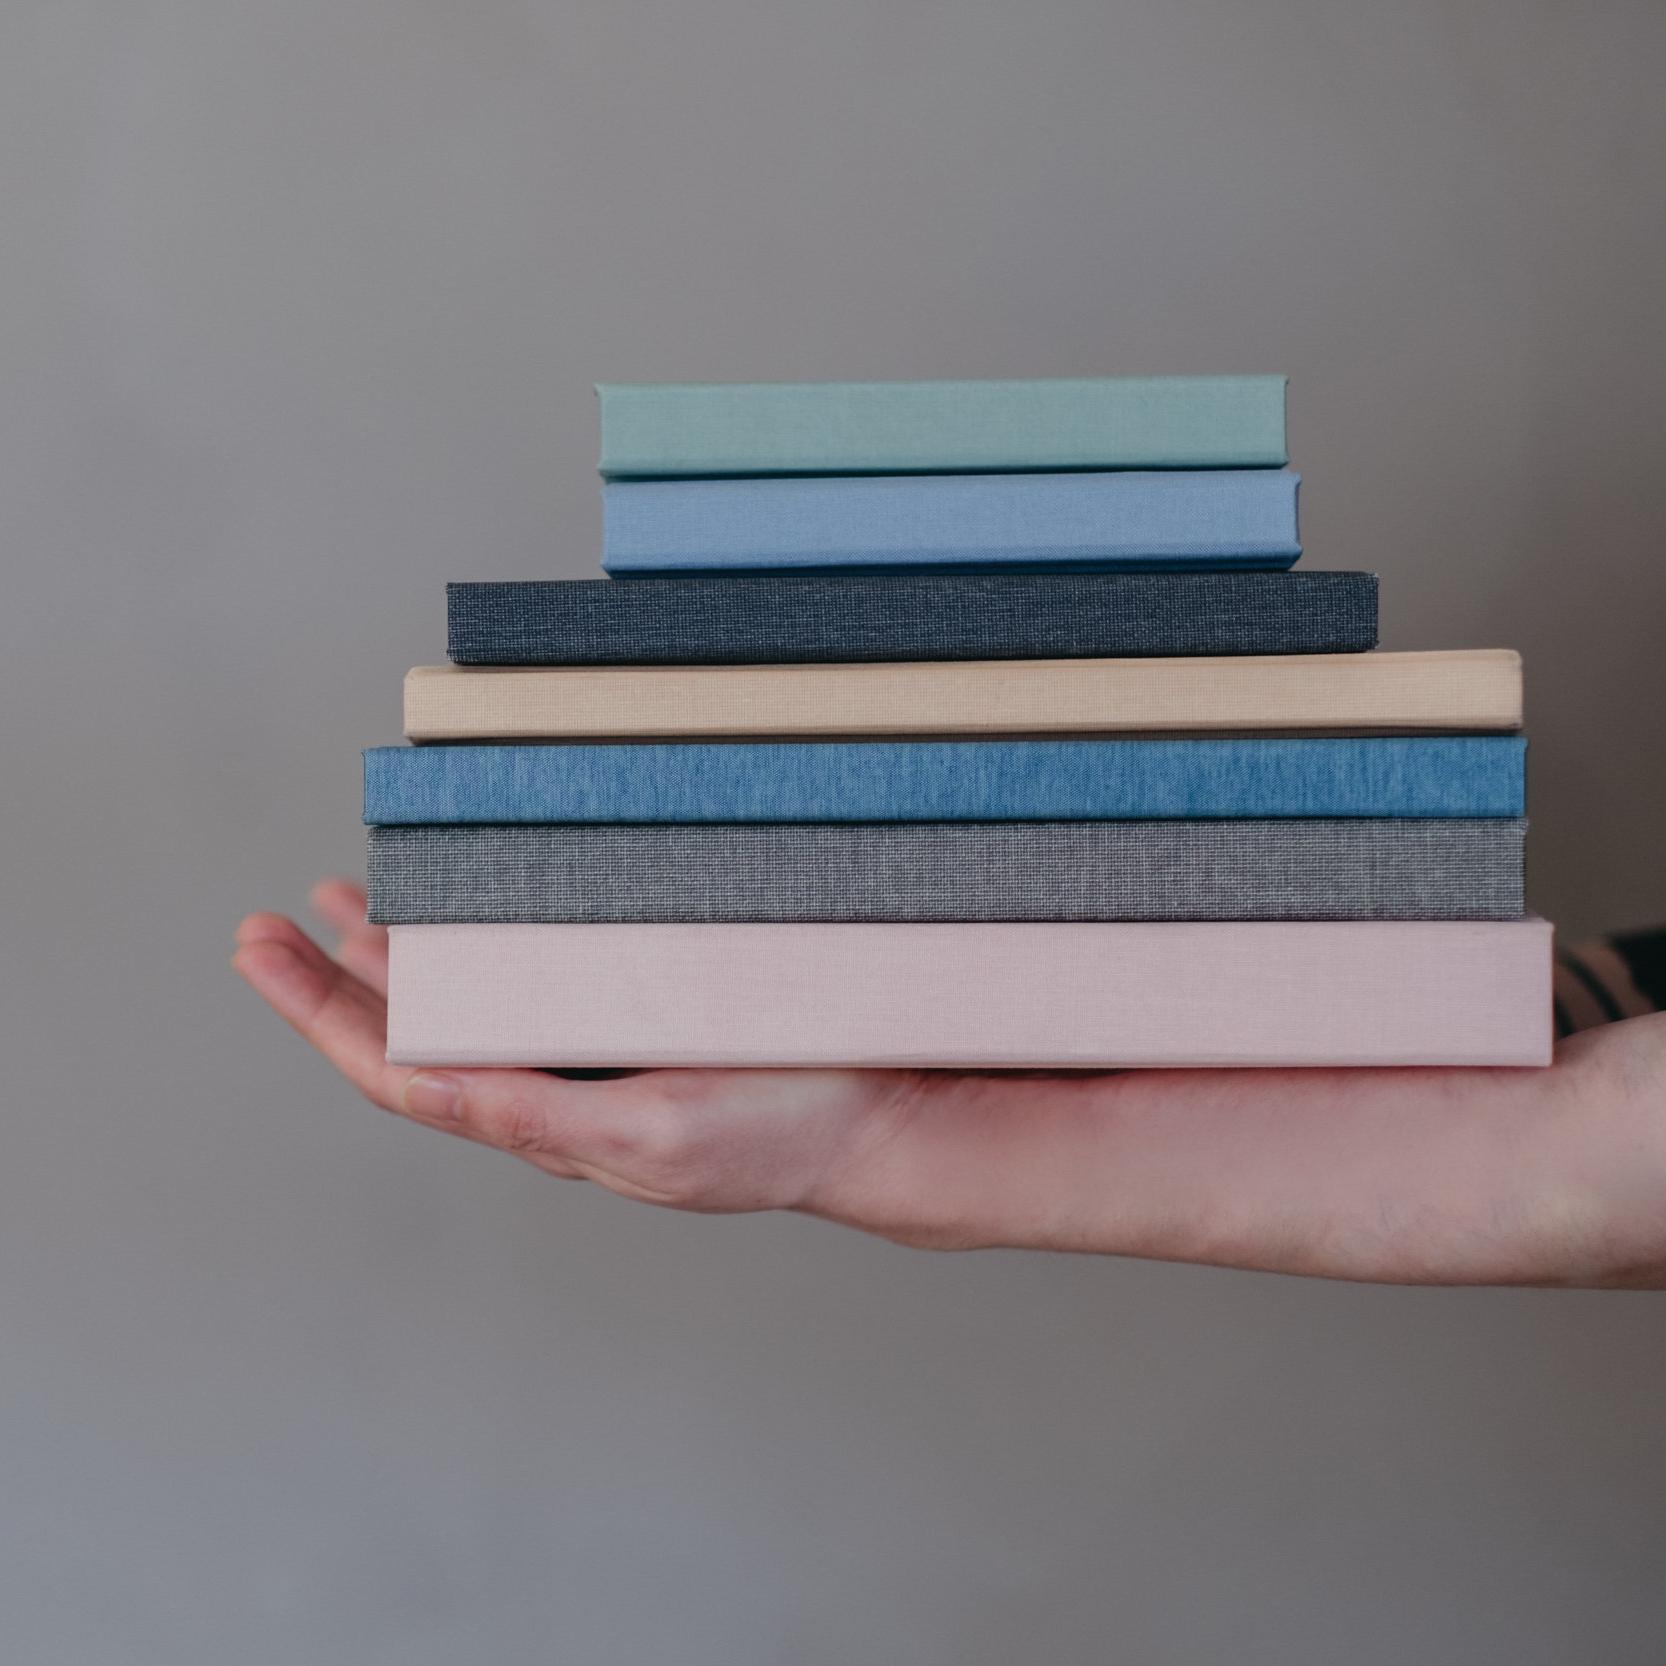 Vår  mest populära produkt  är absolut våra linnealbum. De finns från 20x20 cm och har 10 uppslag som standard men de flesta väljer fler - Från 2 800 kr.